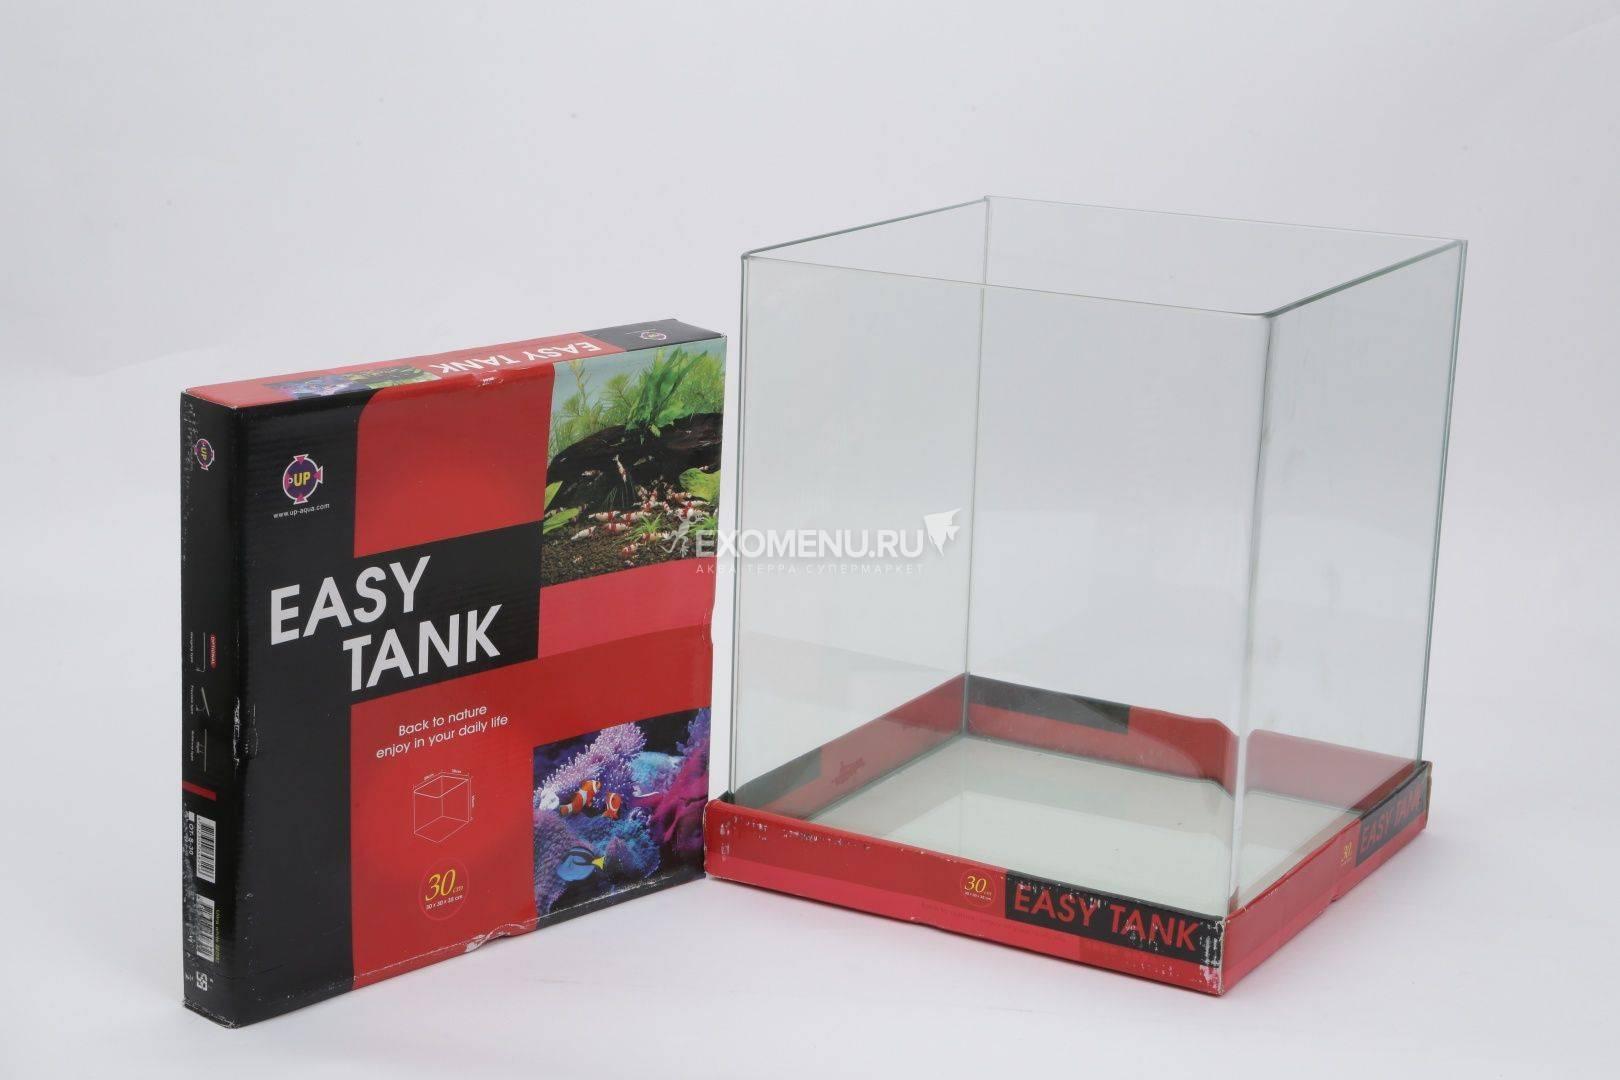 Аквариум UpAqua Easy Tank S 30, 31 л, с изогнутой передней стенкой из обычного стекла, 30х30х35 см